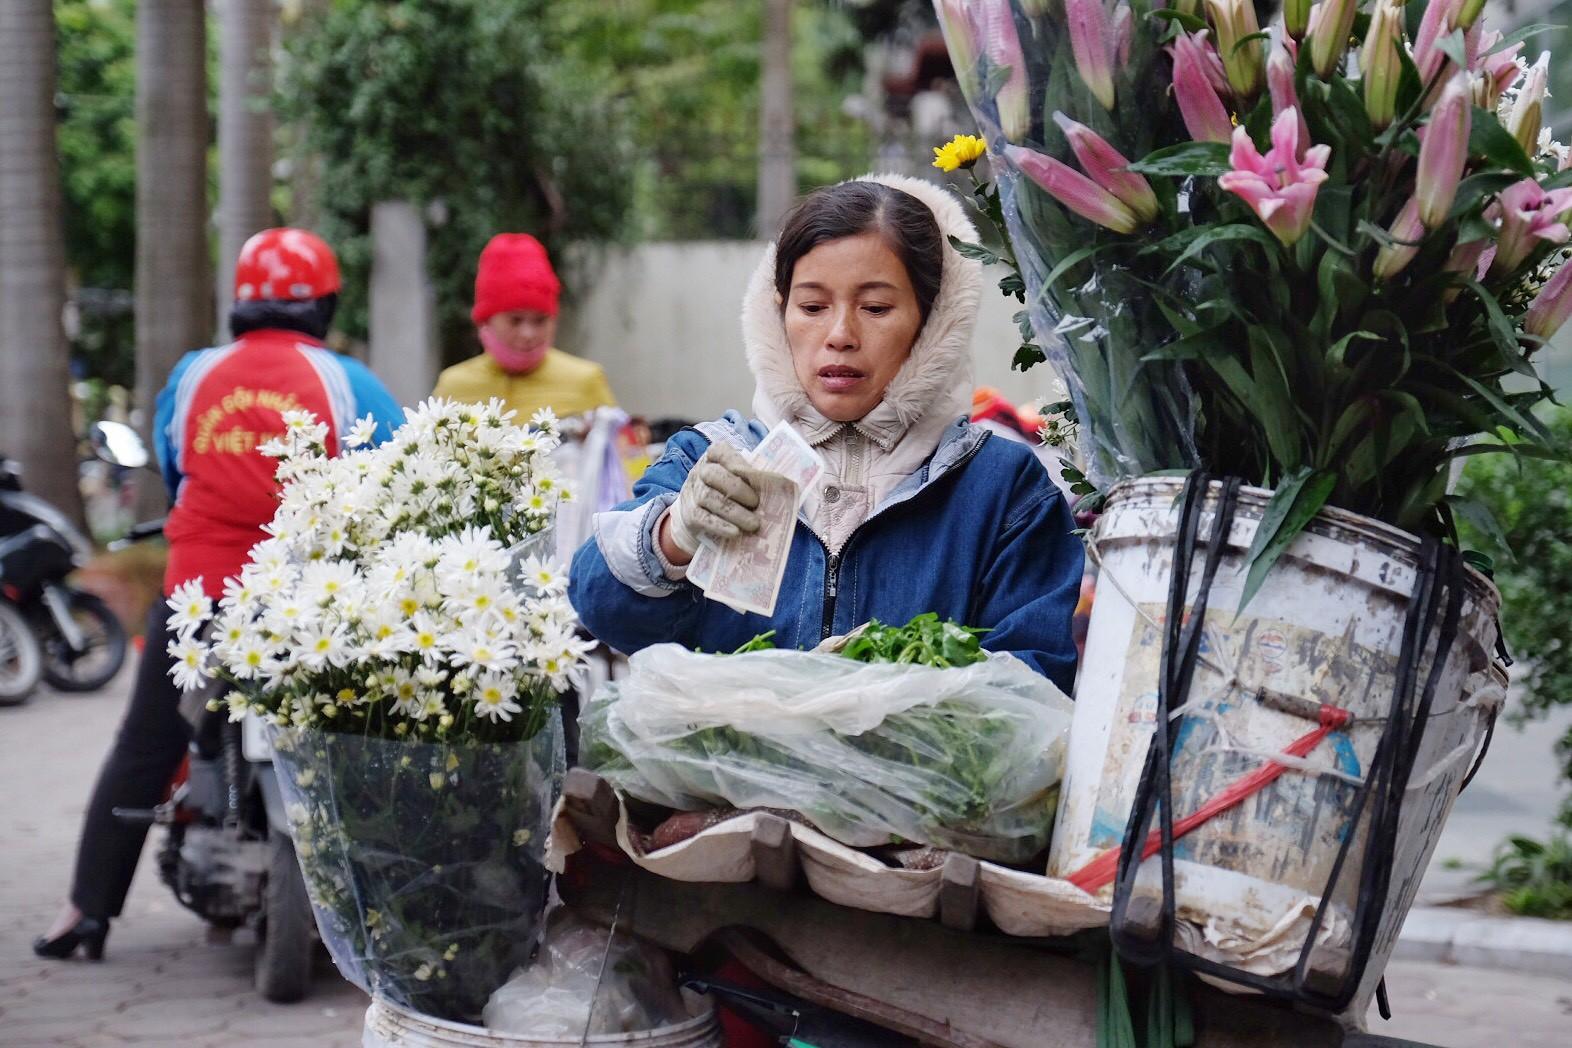 Chùm ảnh: Người Hà Nội co ro xuống phố trong cái lạnh kỷ lục từ đầu mùa - Ảnh 10.